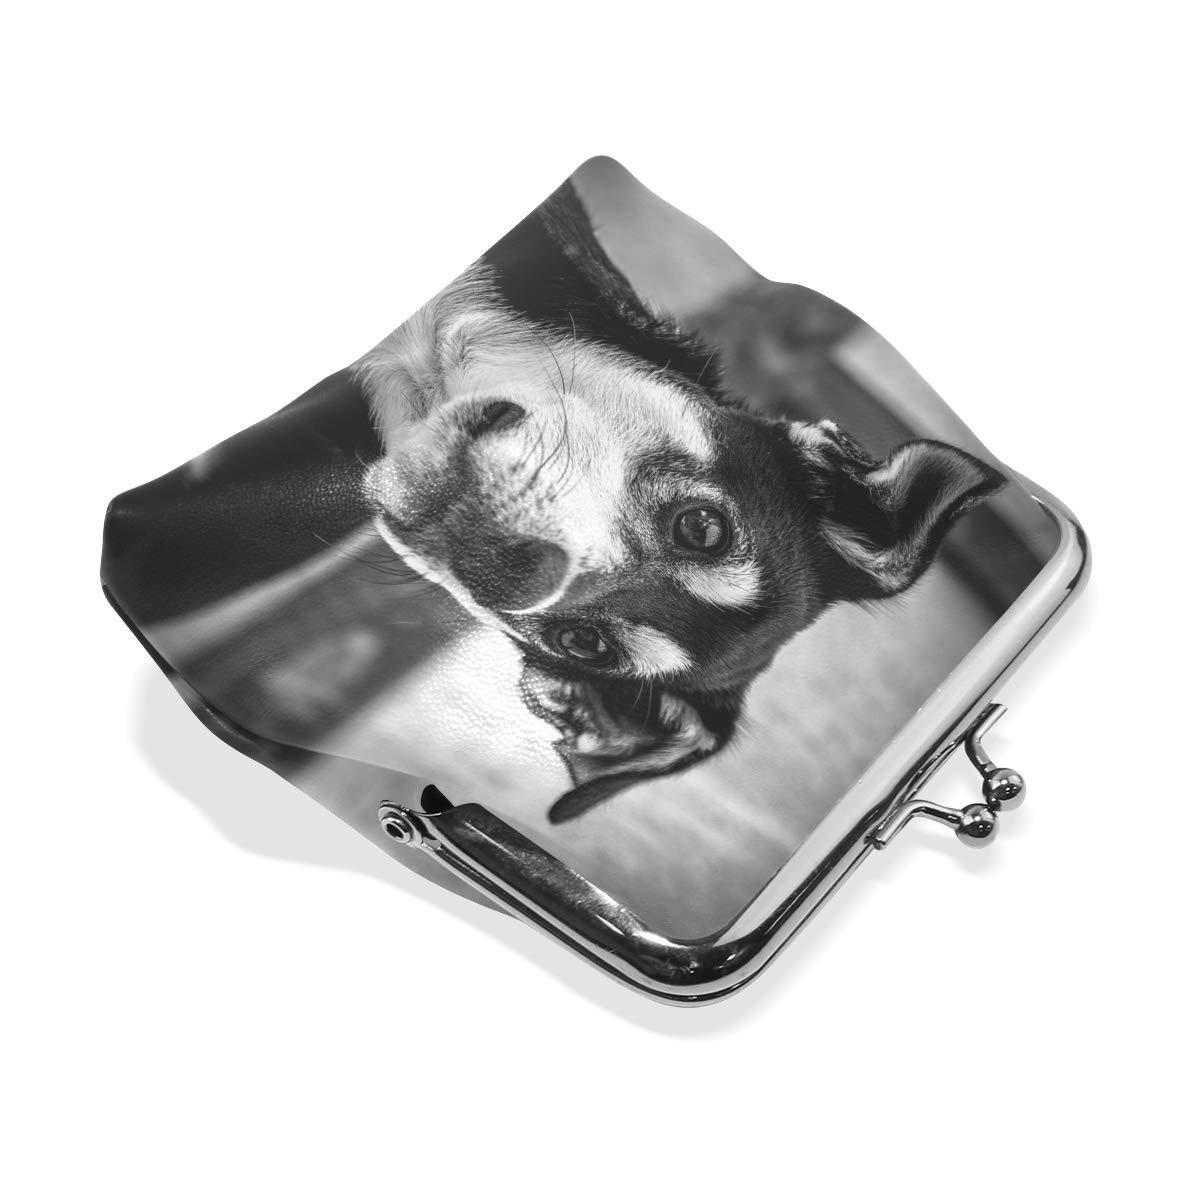 LALATOP Puppy Womens Coin Pouch Purse wallet Card Holder Clutch Handbag